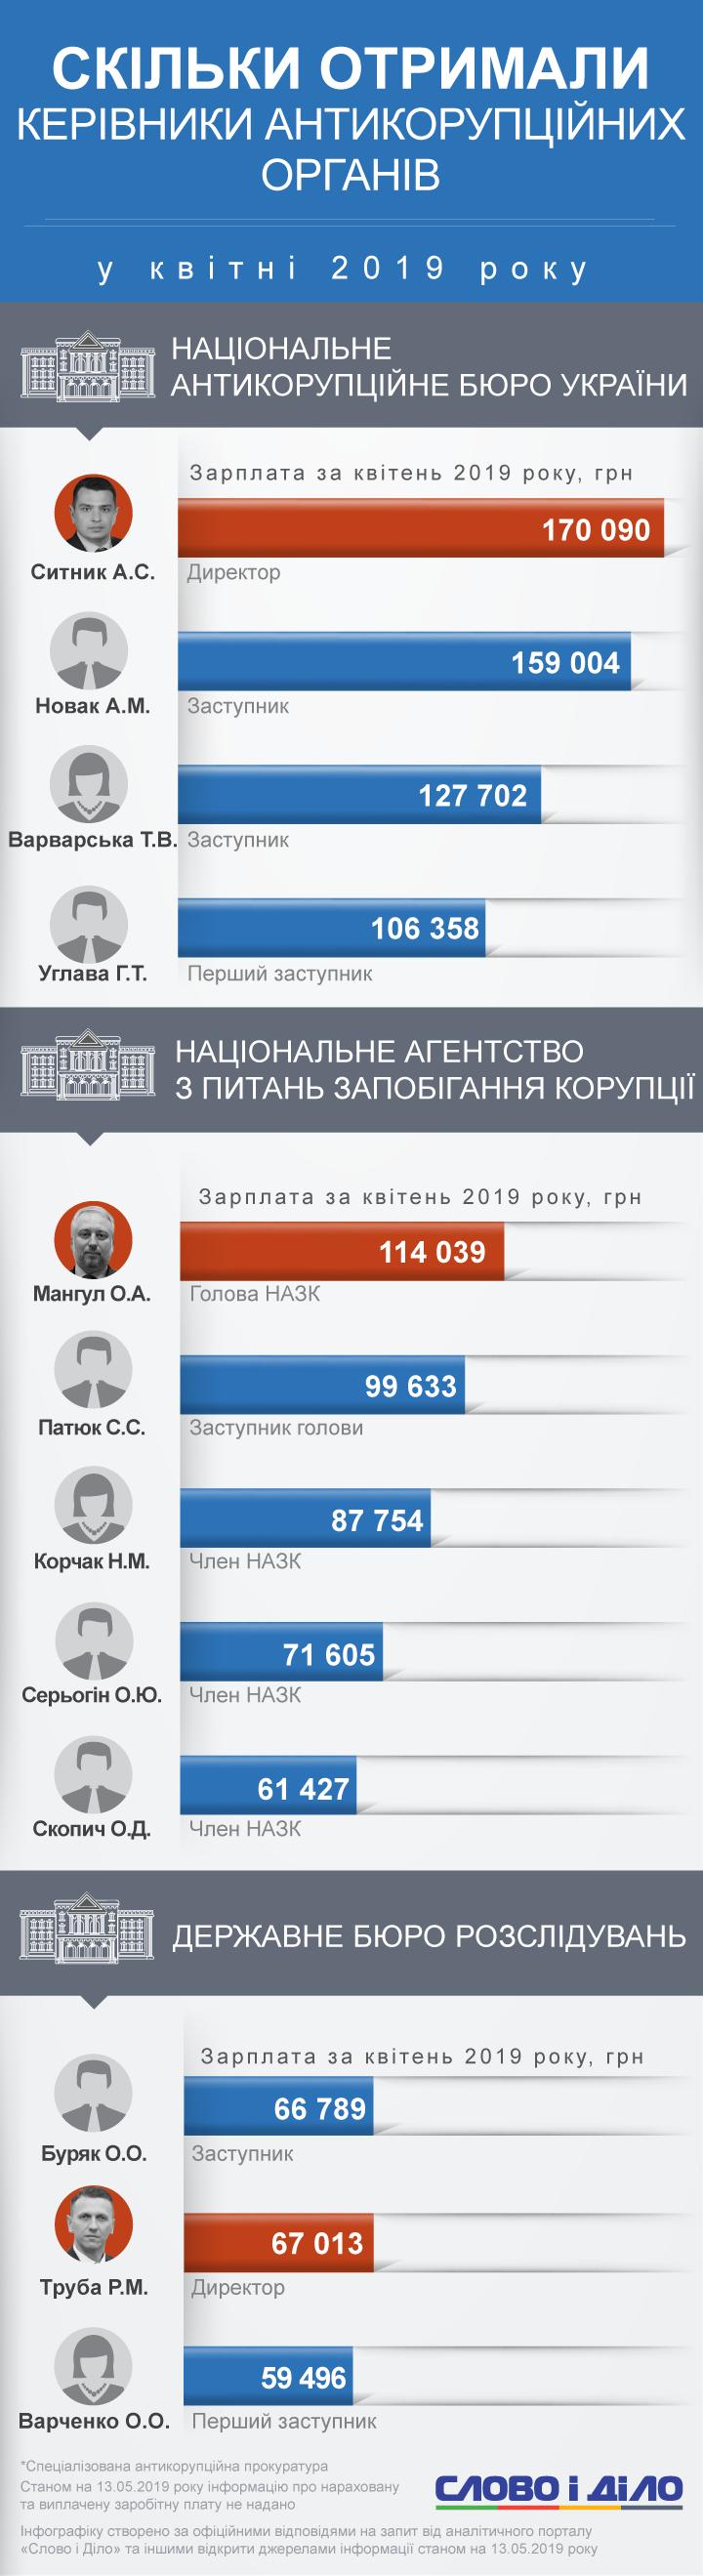 Найбільш високооплачуваним антикорупціонером квітня став директор Національного антикорупційного бюро України Артем Ситник.